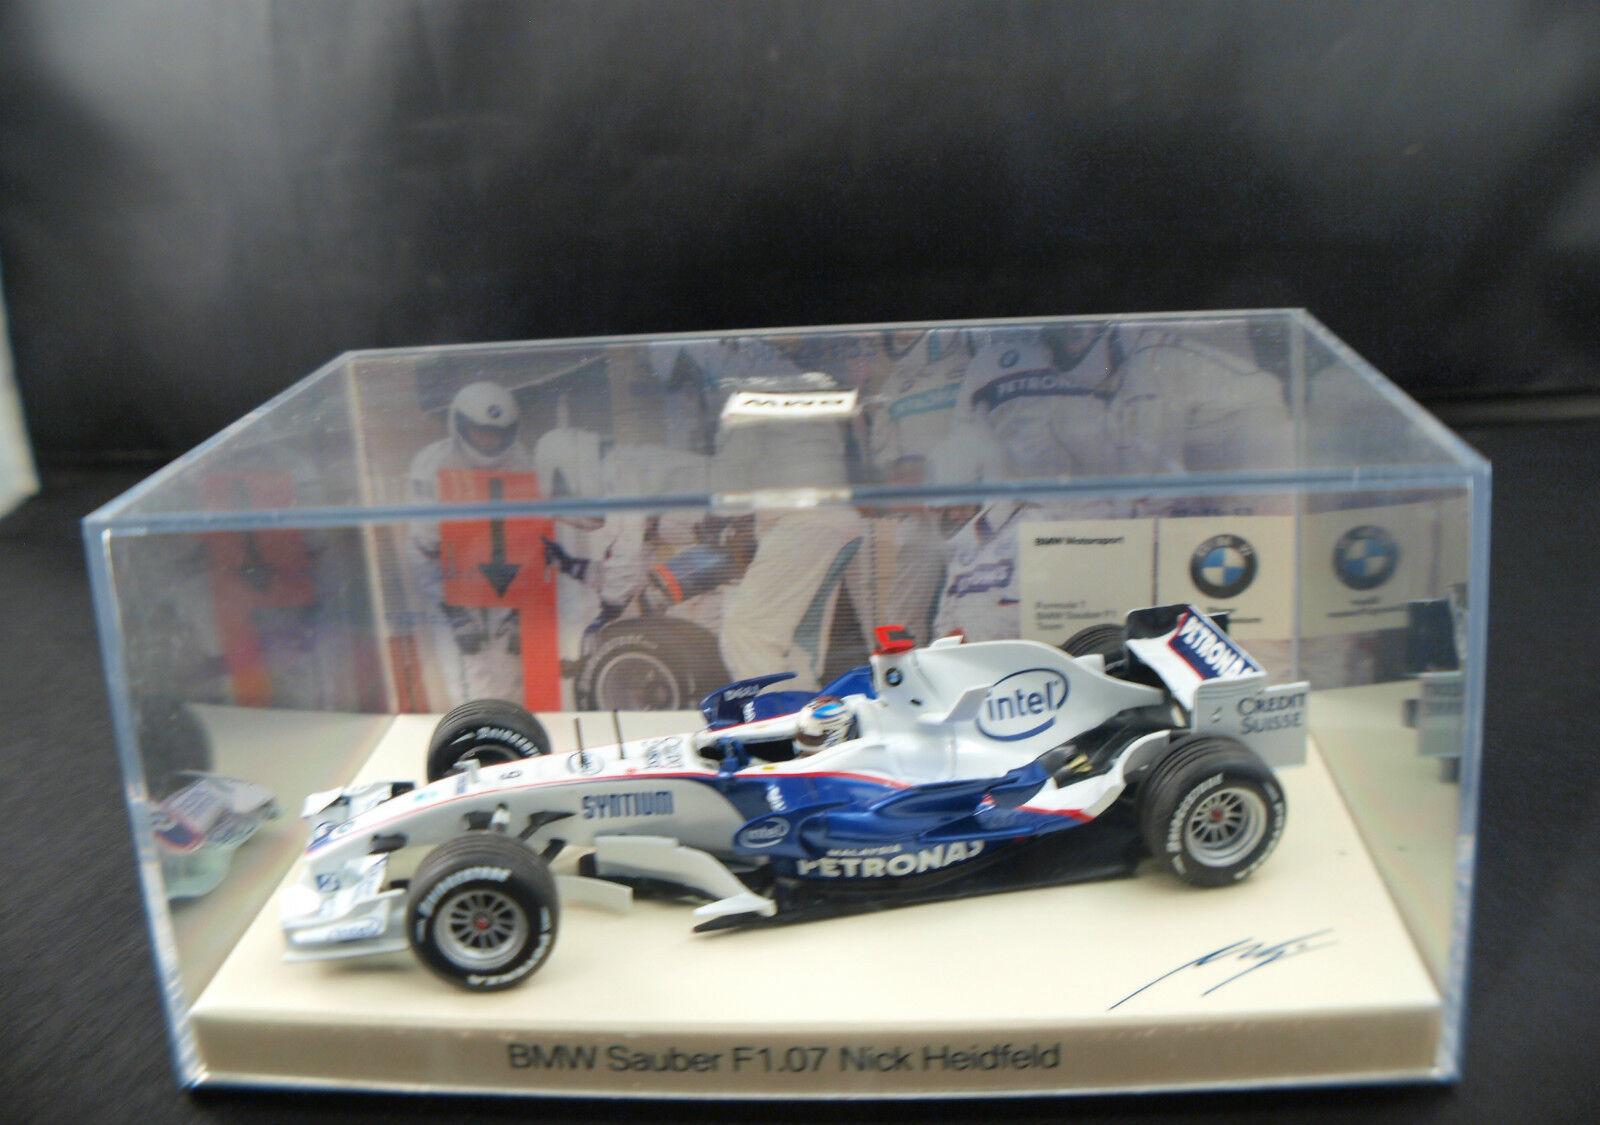 Minichamps bmw sauber f1.07 team Heidfeld  9 new case box mib 1 43